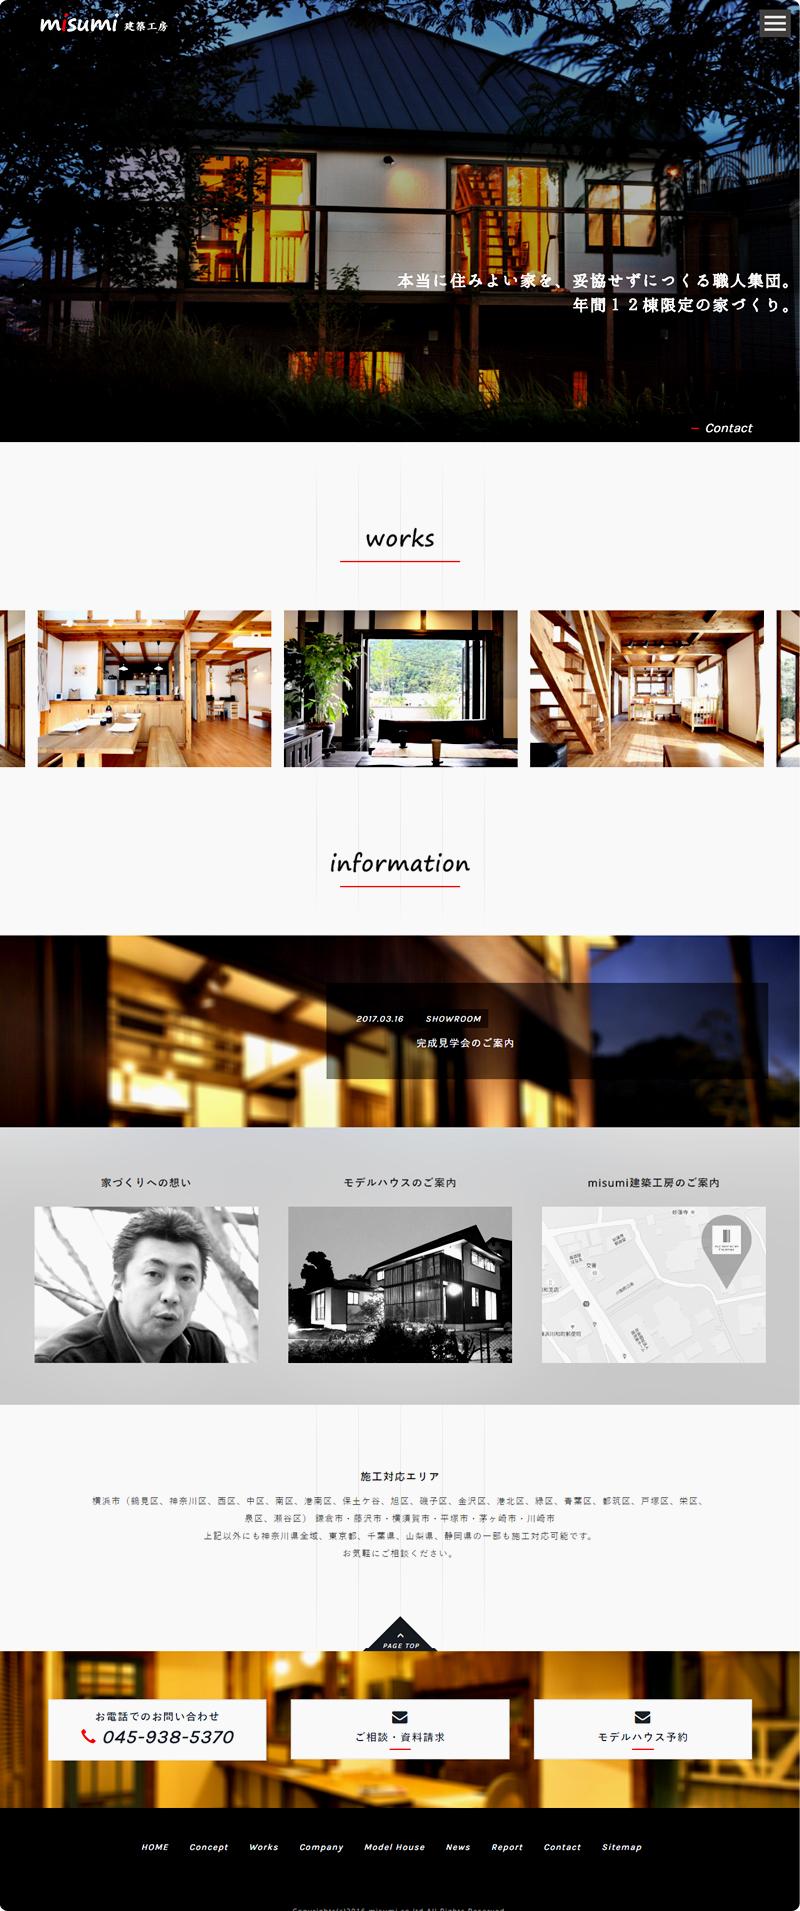 株式会社 misumi建築工房